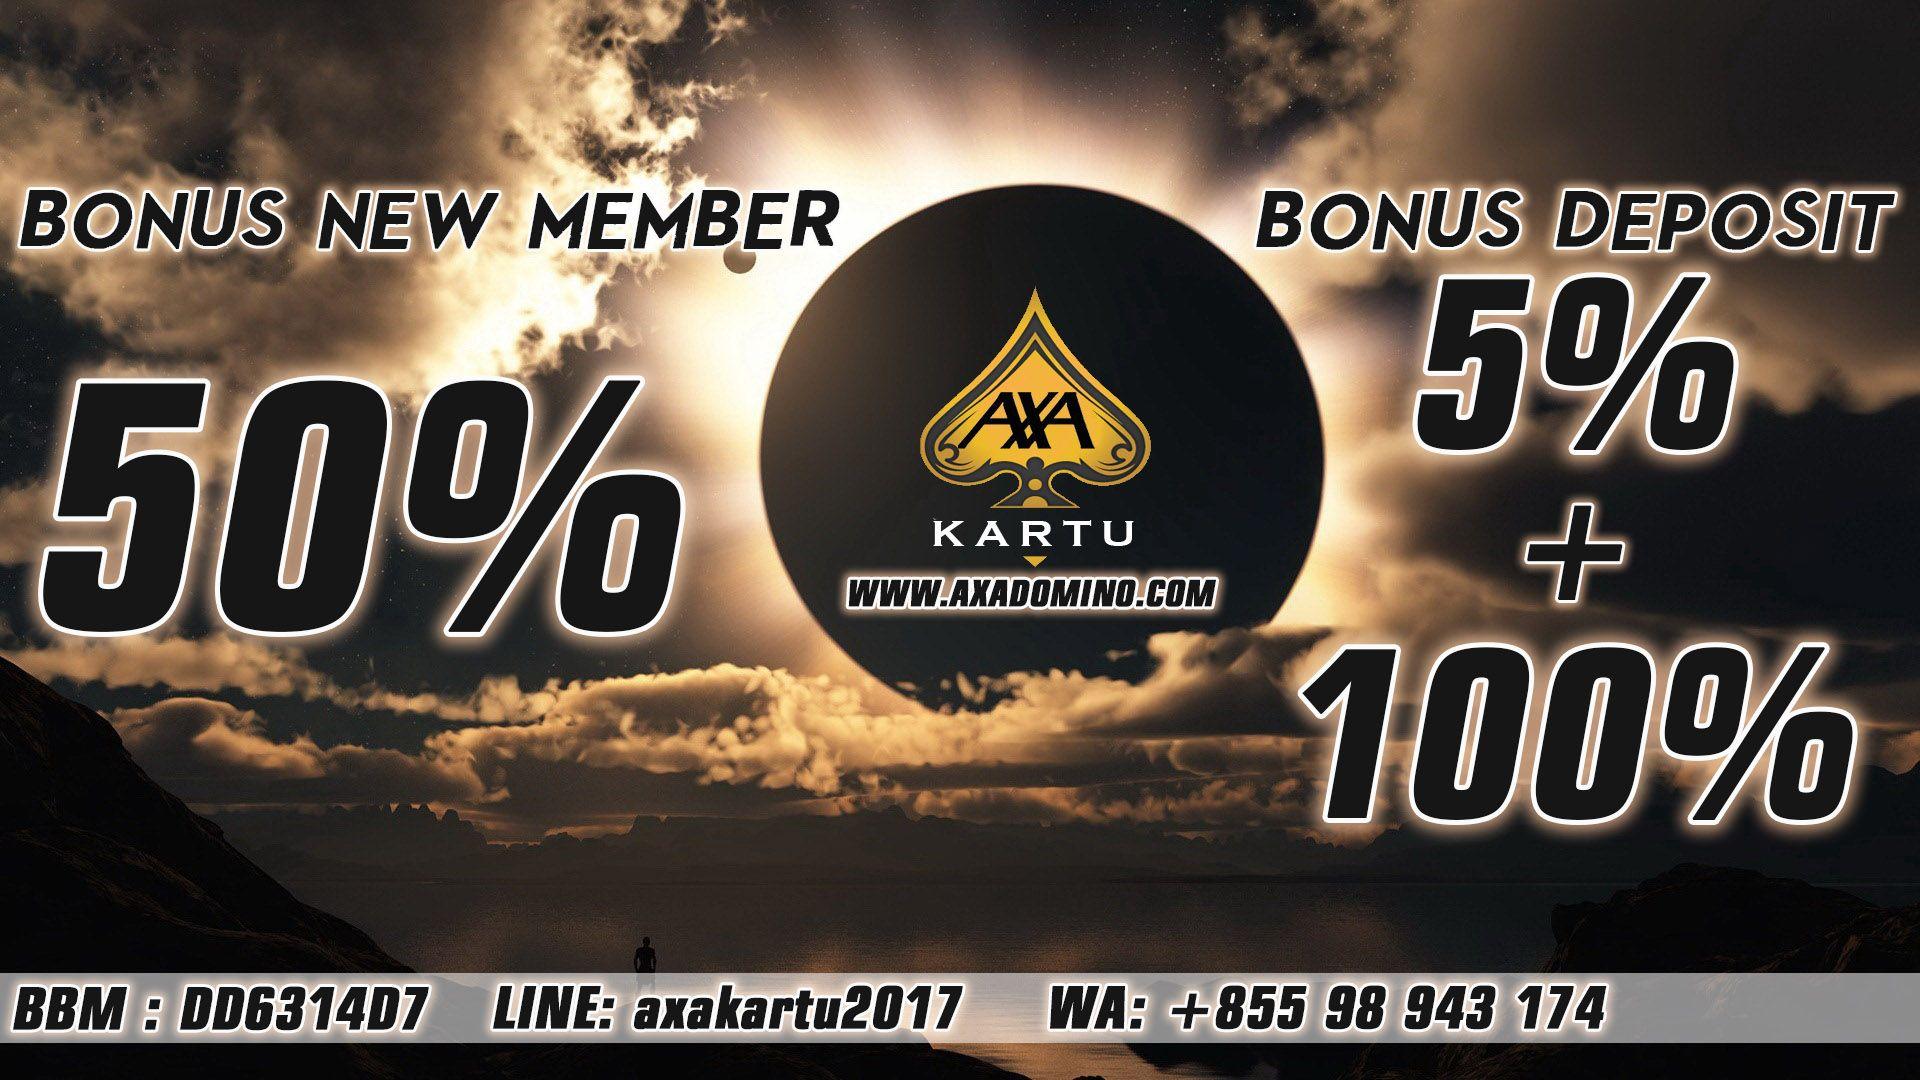 Situs Idn Poker Dengan New Member Terbesar Poker Kartu Hiburan